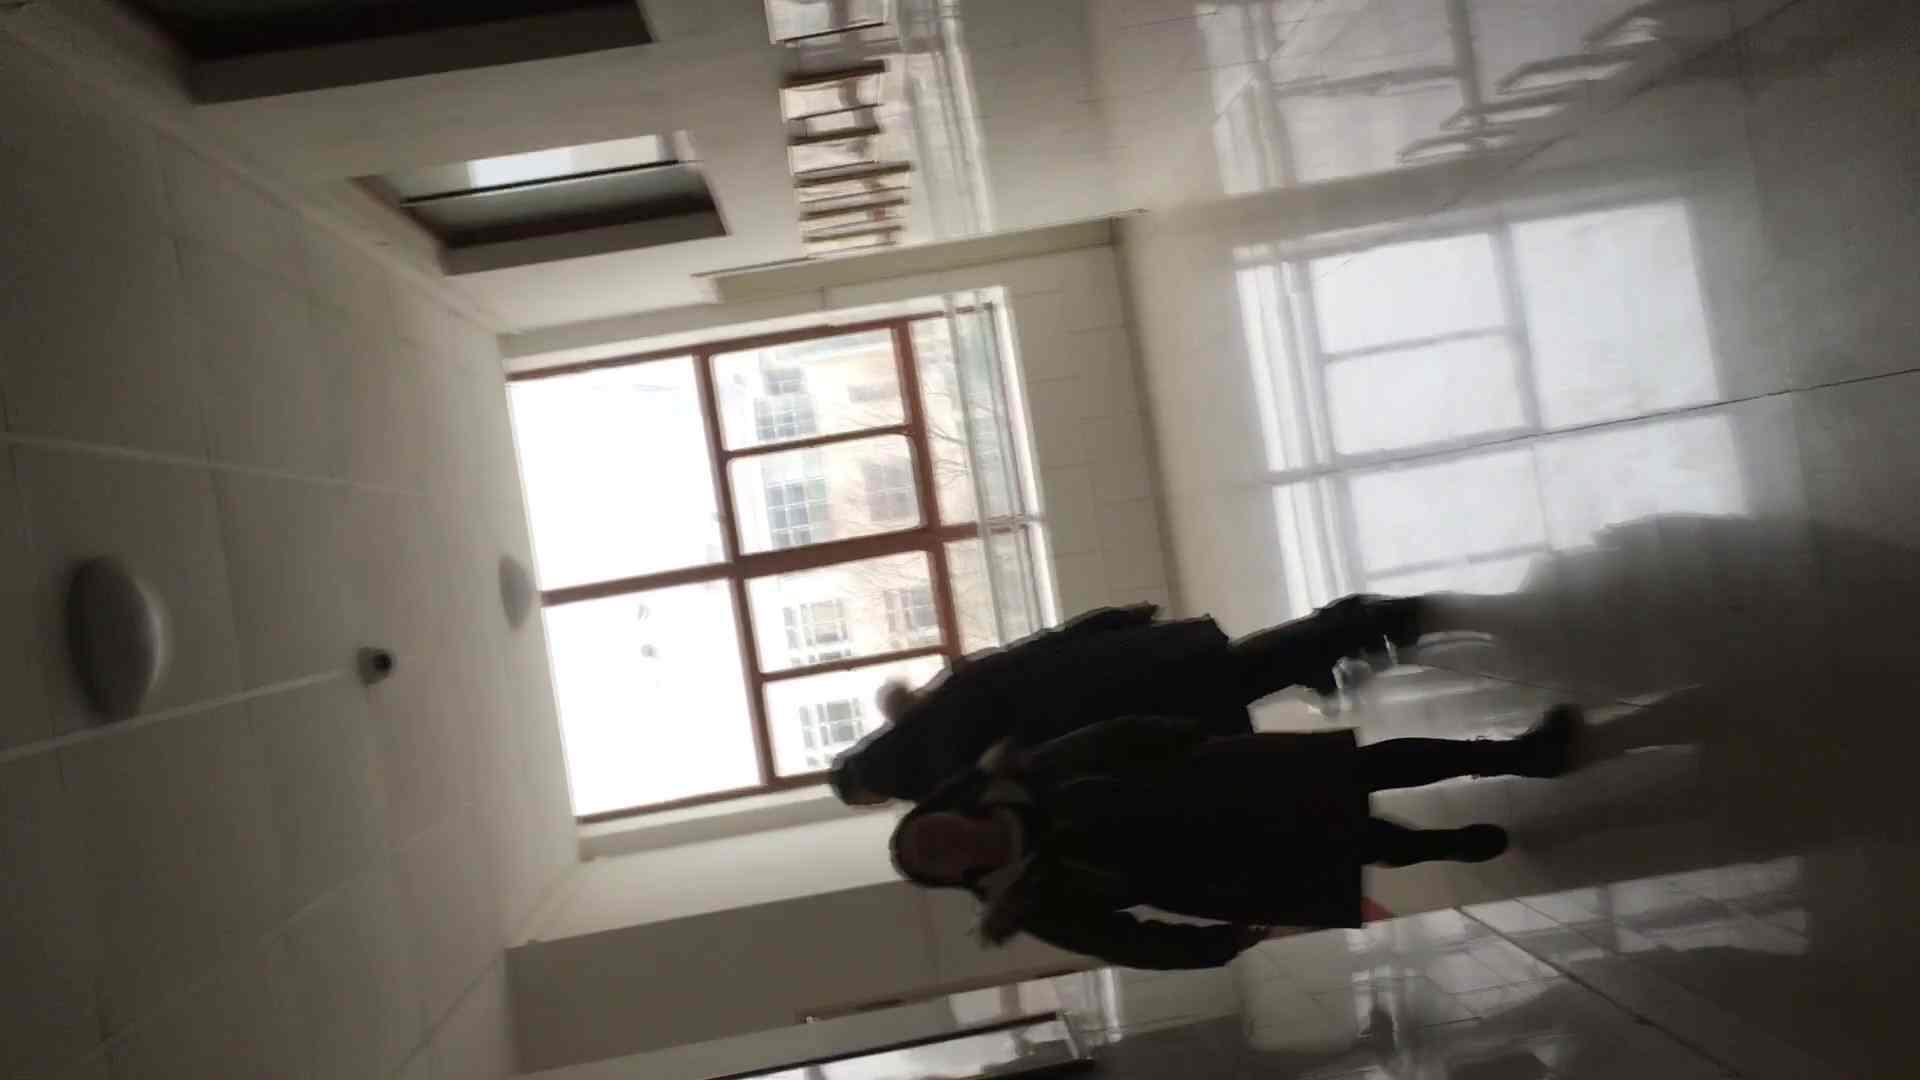 芸術大学ガチ潜入盗撮 JD盗撮 美女の洗面所の秘密 Vol.89 細身・スレンダー おめこ無修正画像 36画像 29